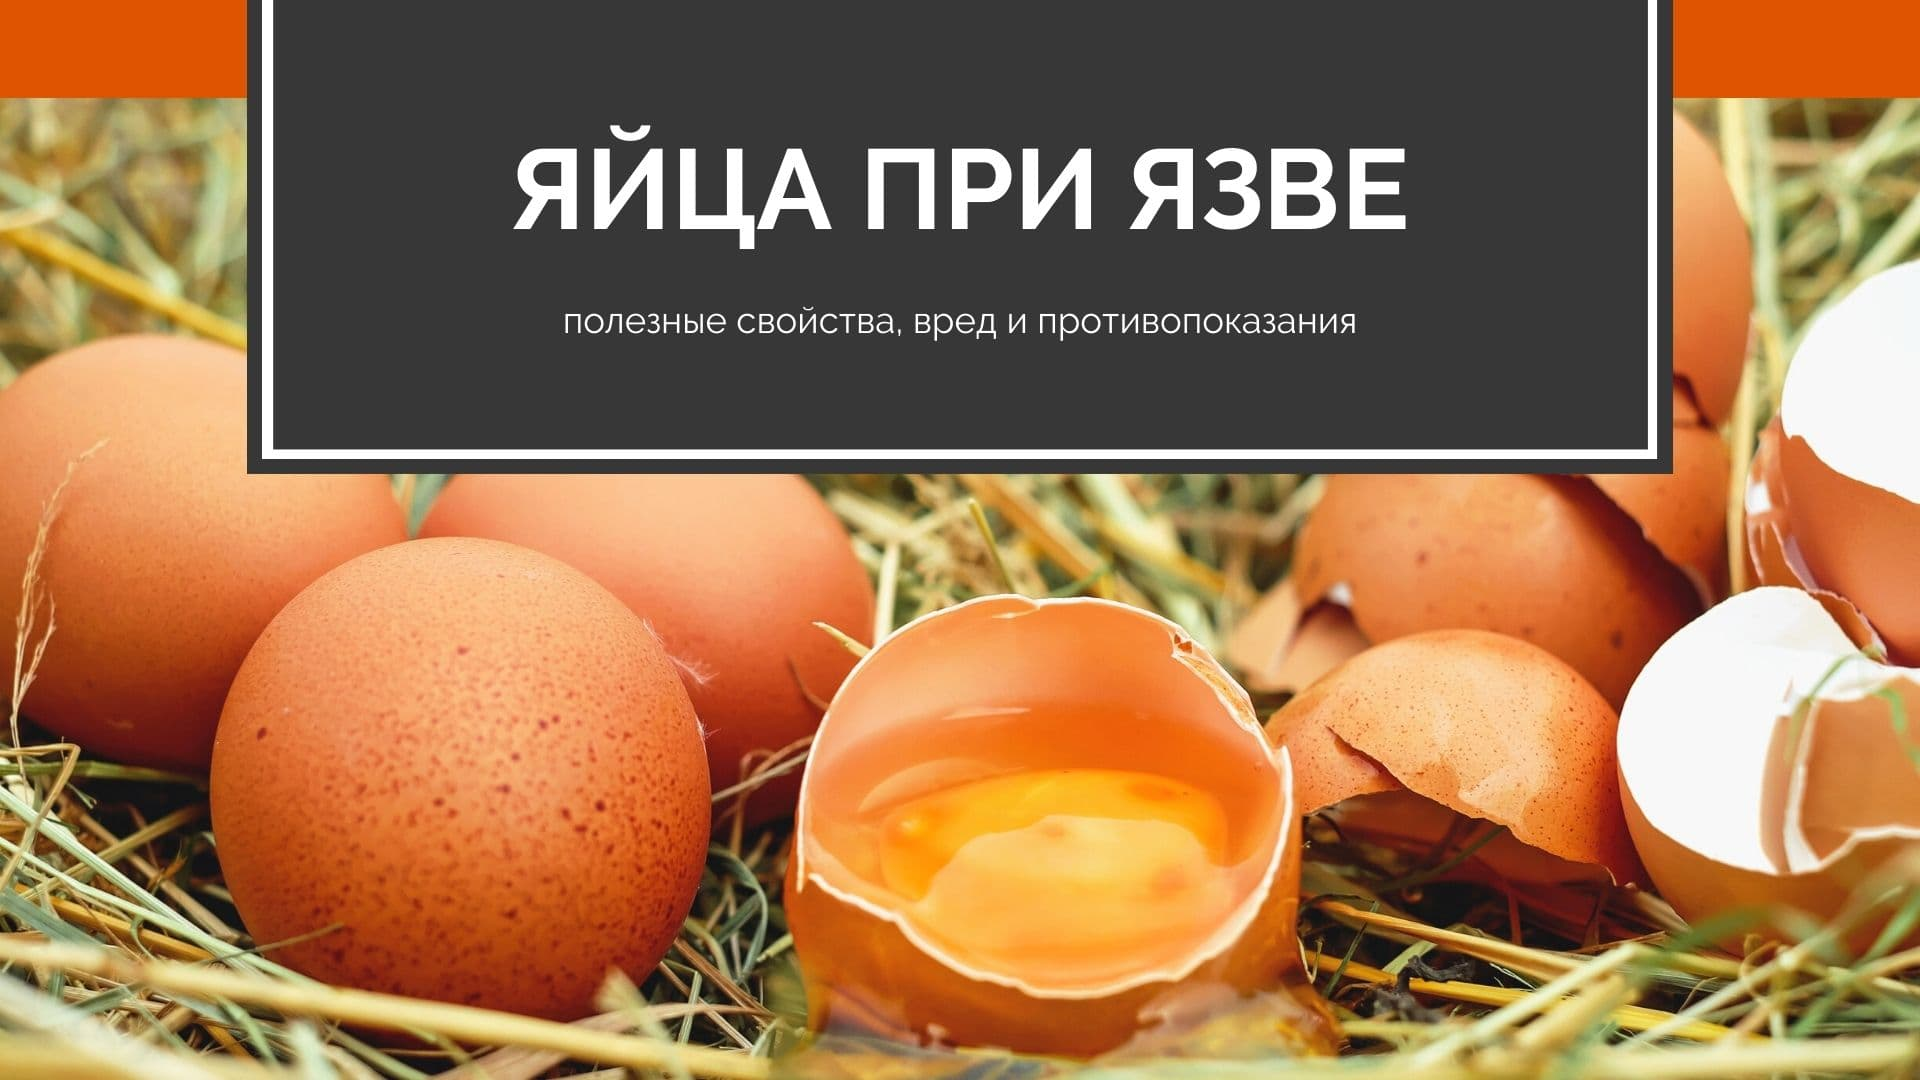 Яйца при язве: полезные свойства, вред и противопоказания